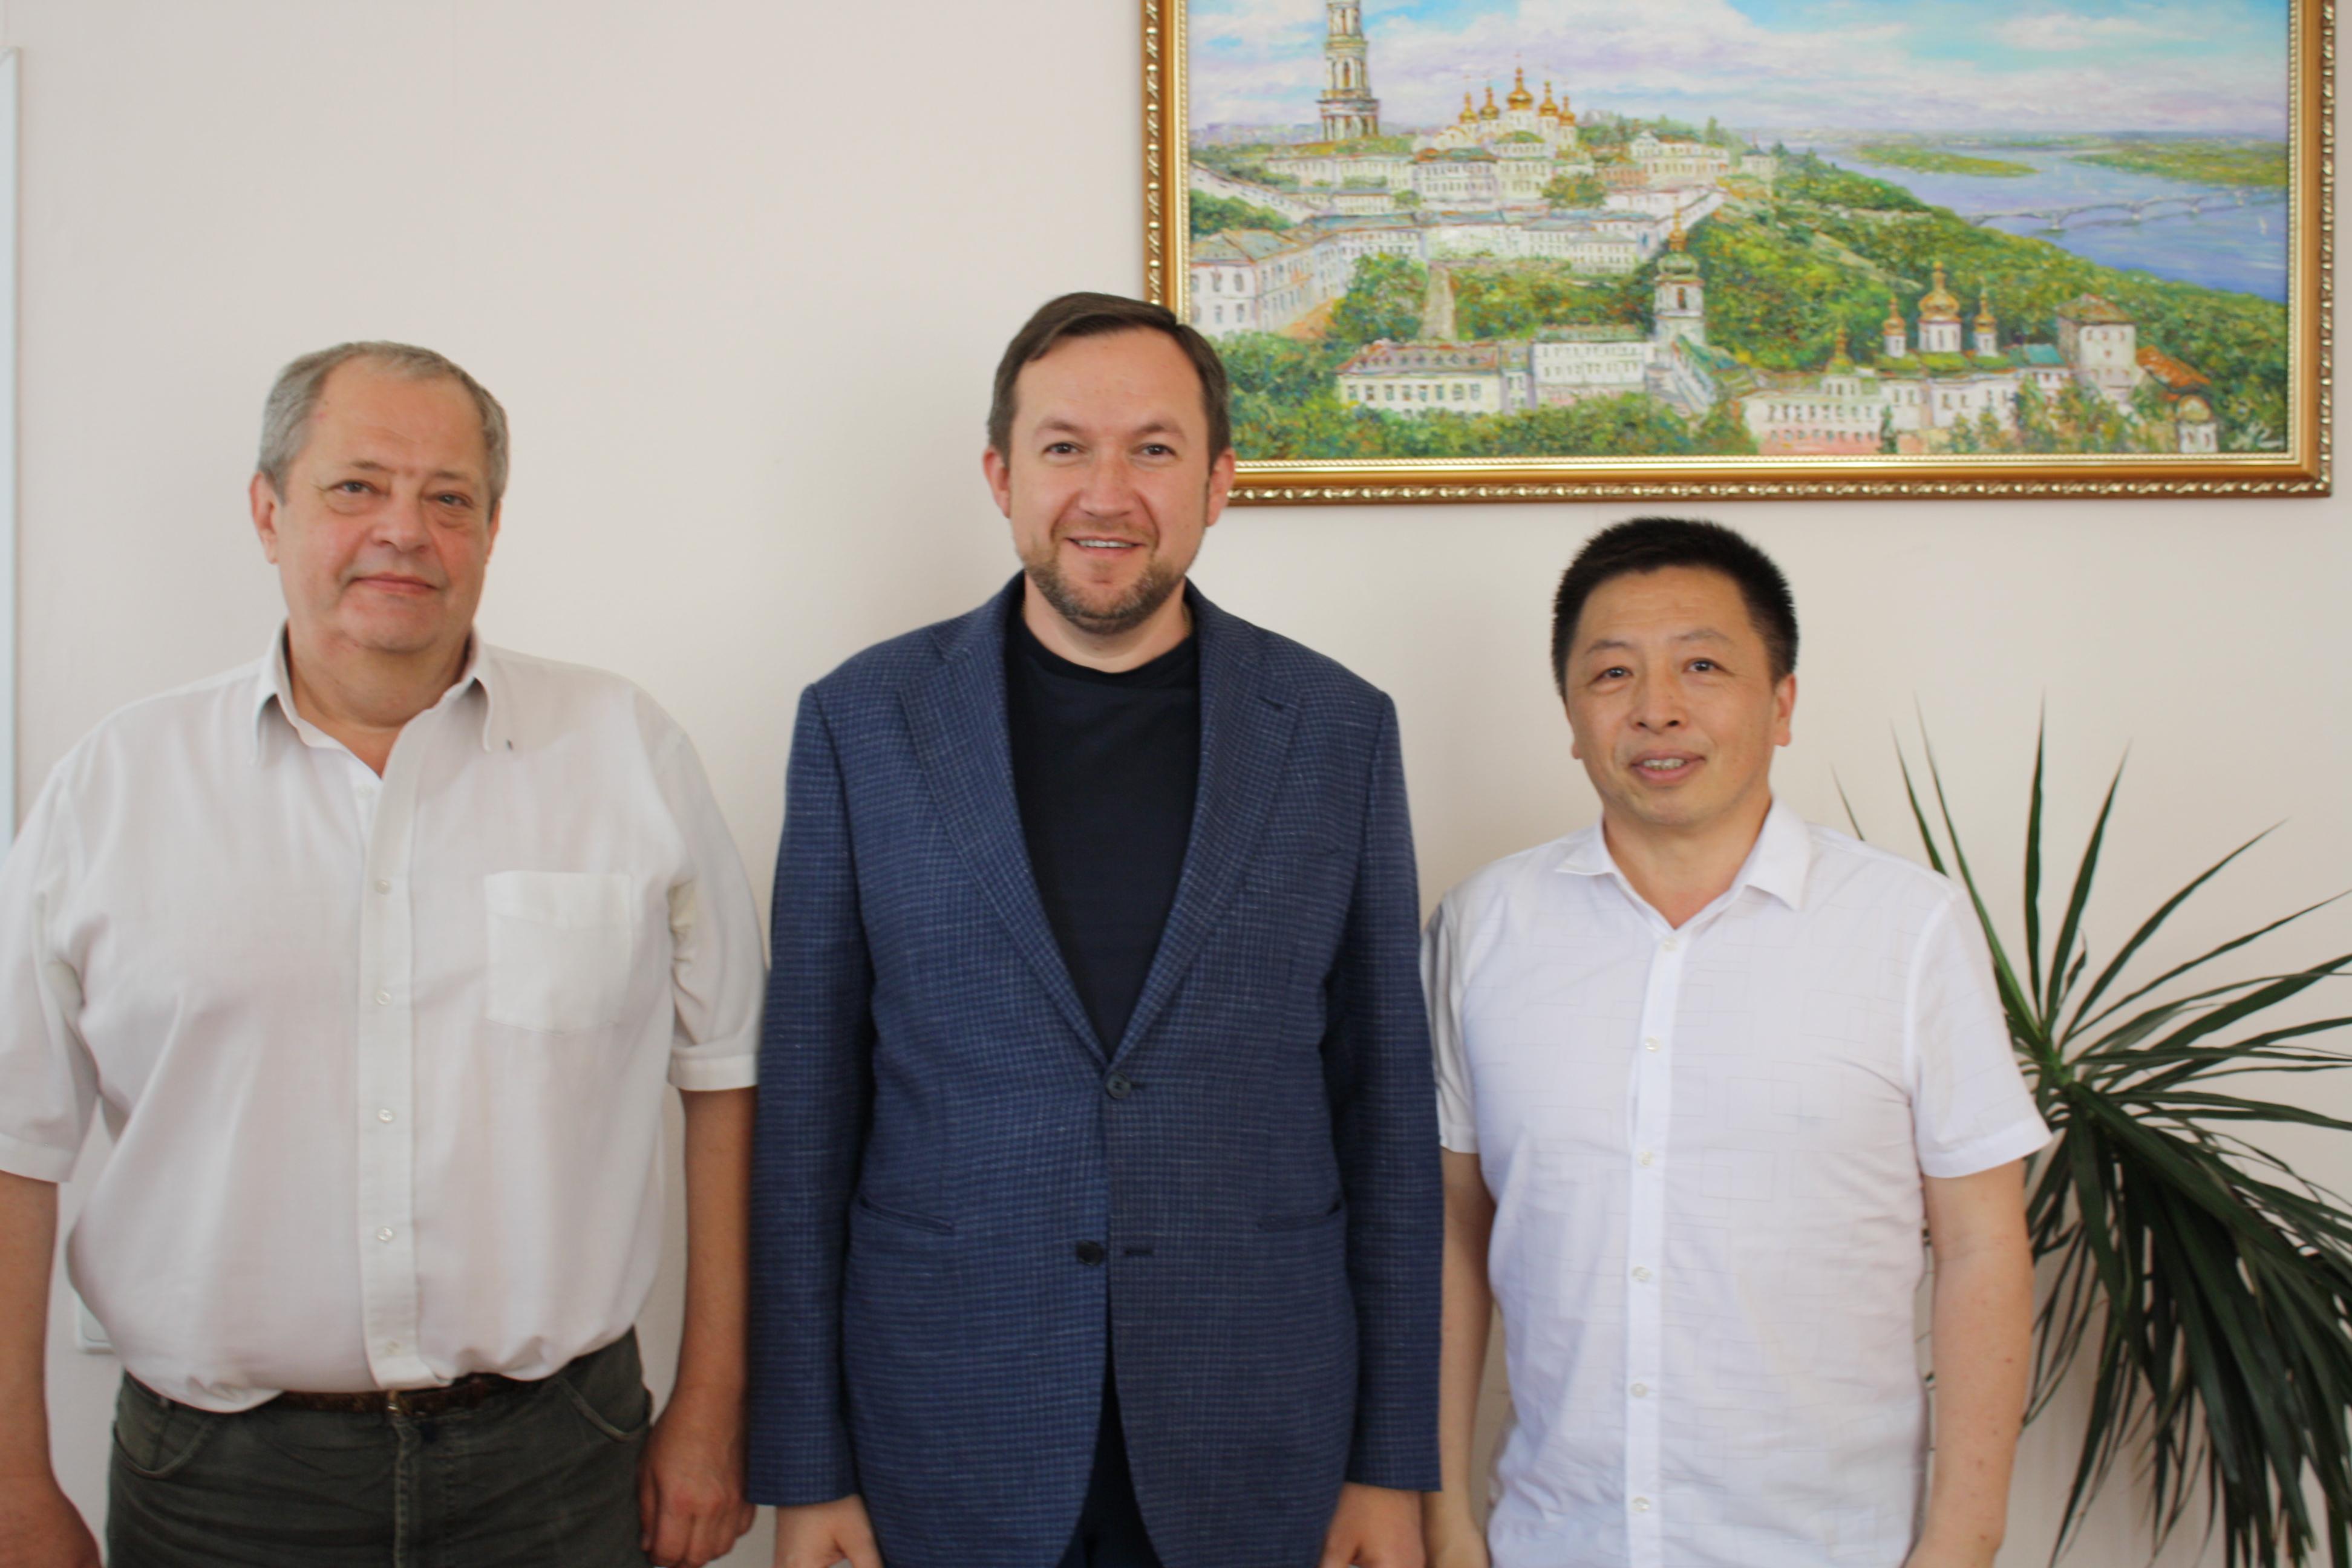 Відбулася робоча зустріч керівництва Факультету міжнародних відносин з представником Інституту Конфуція в Україні Сунь Кевень